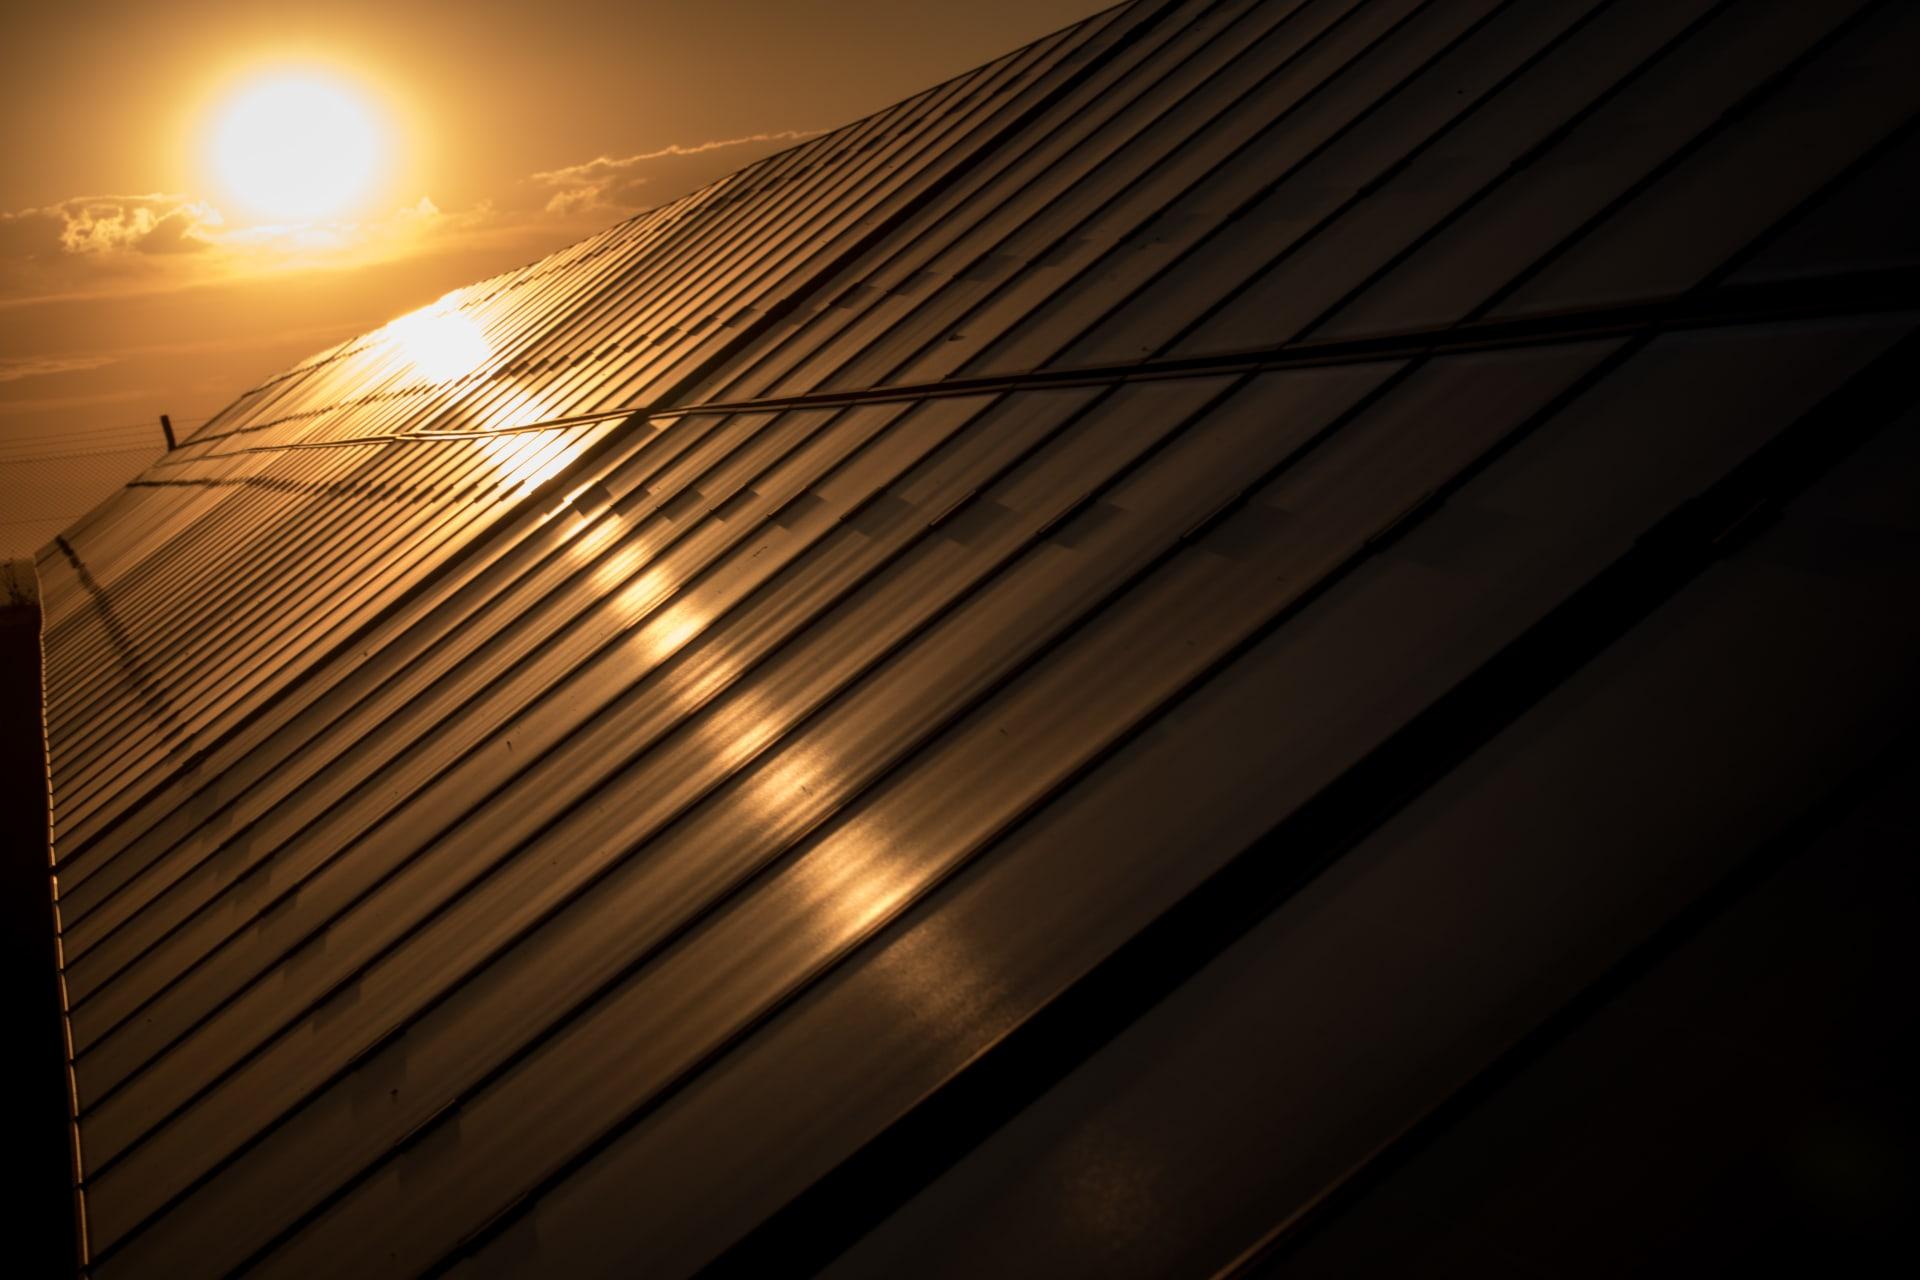 السعودية تدشن محطة للطاقة الشمسية شمال المملكة